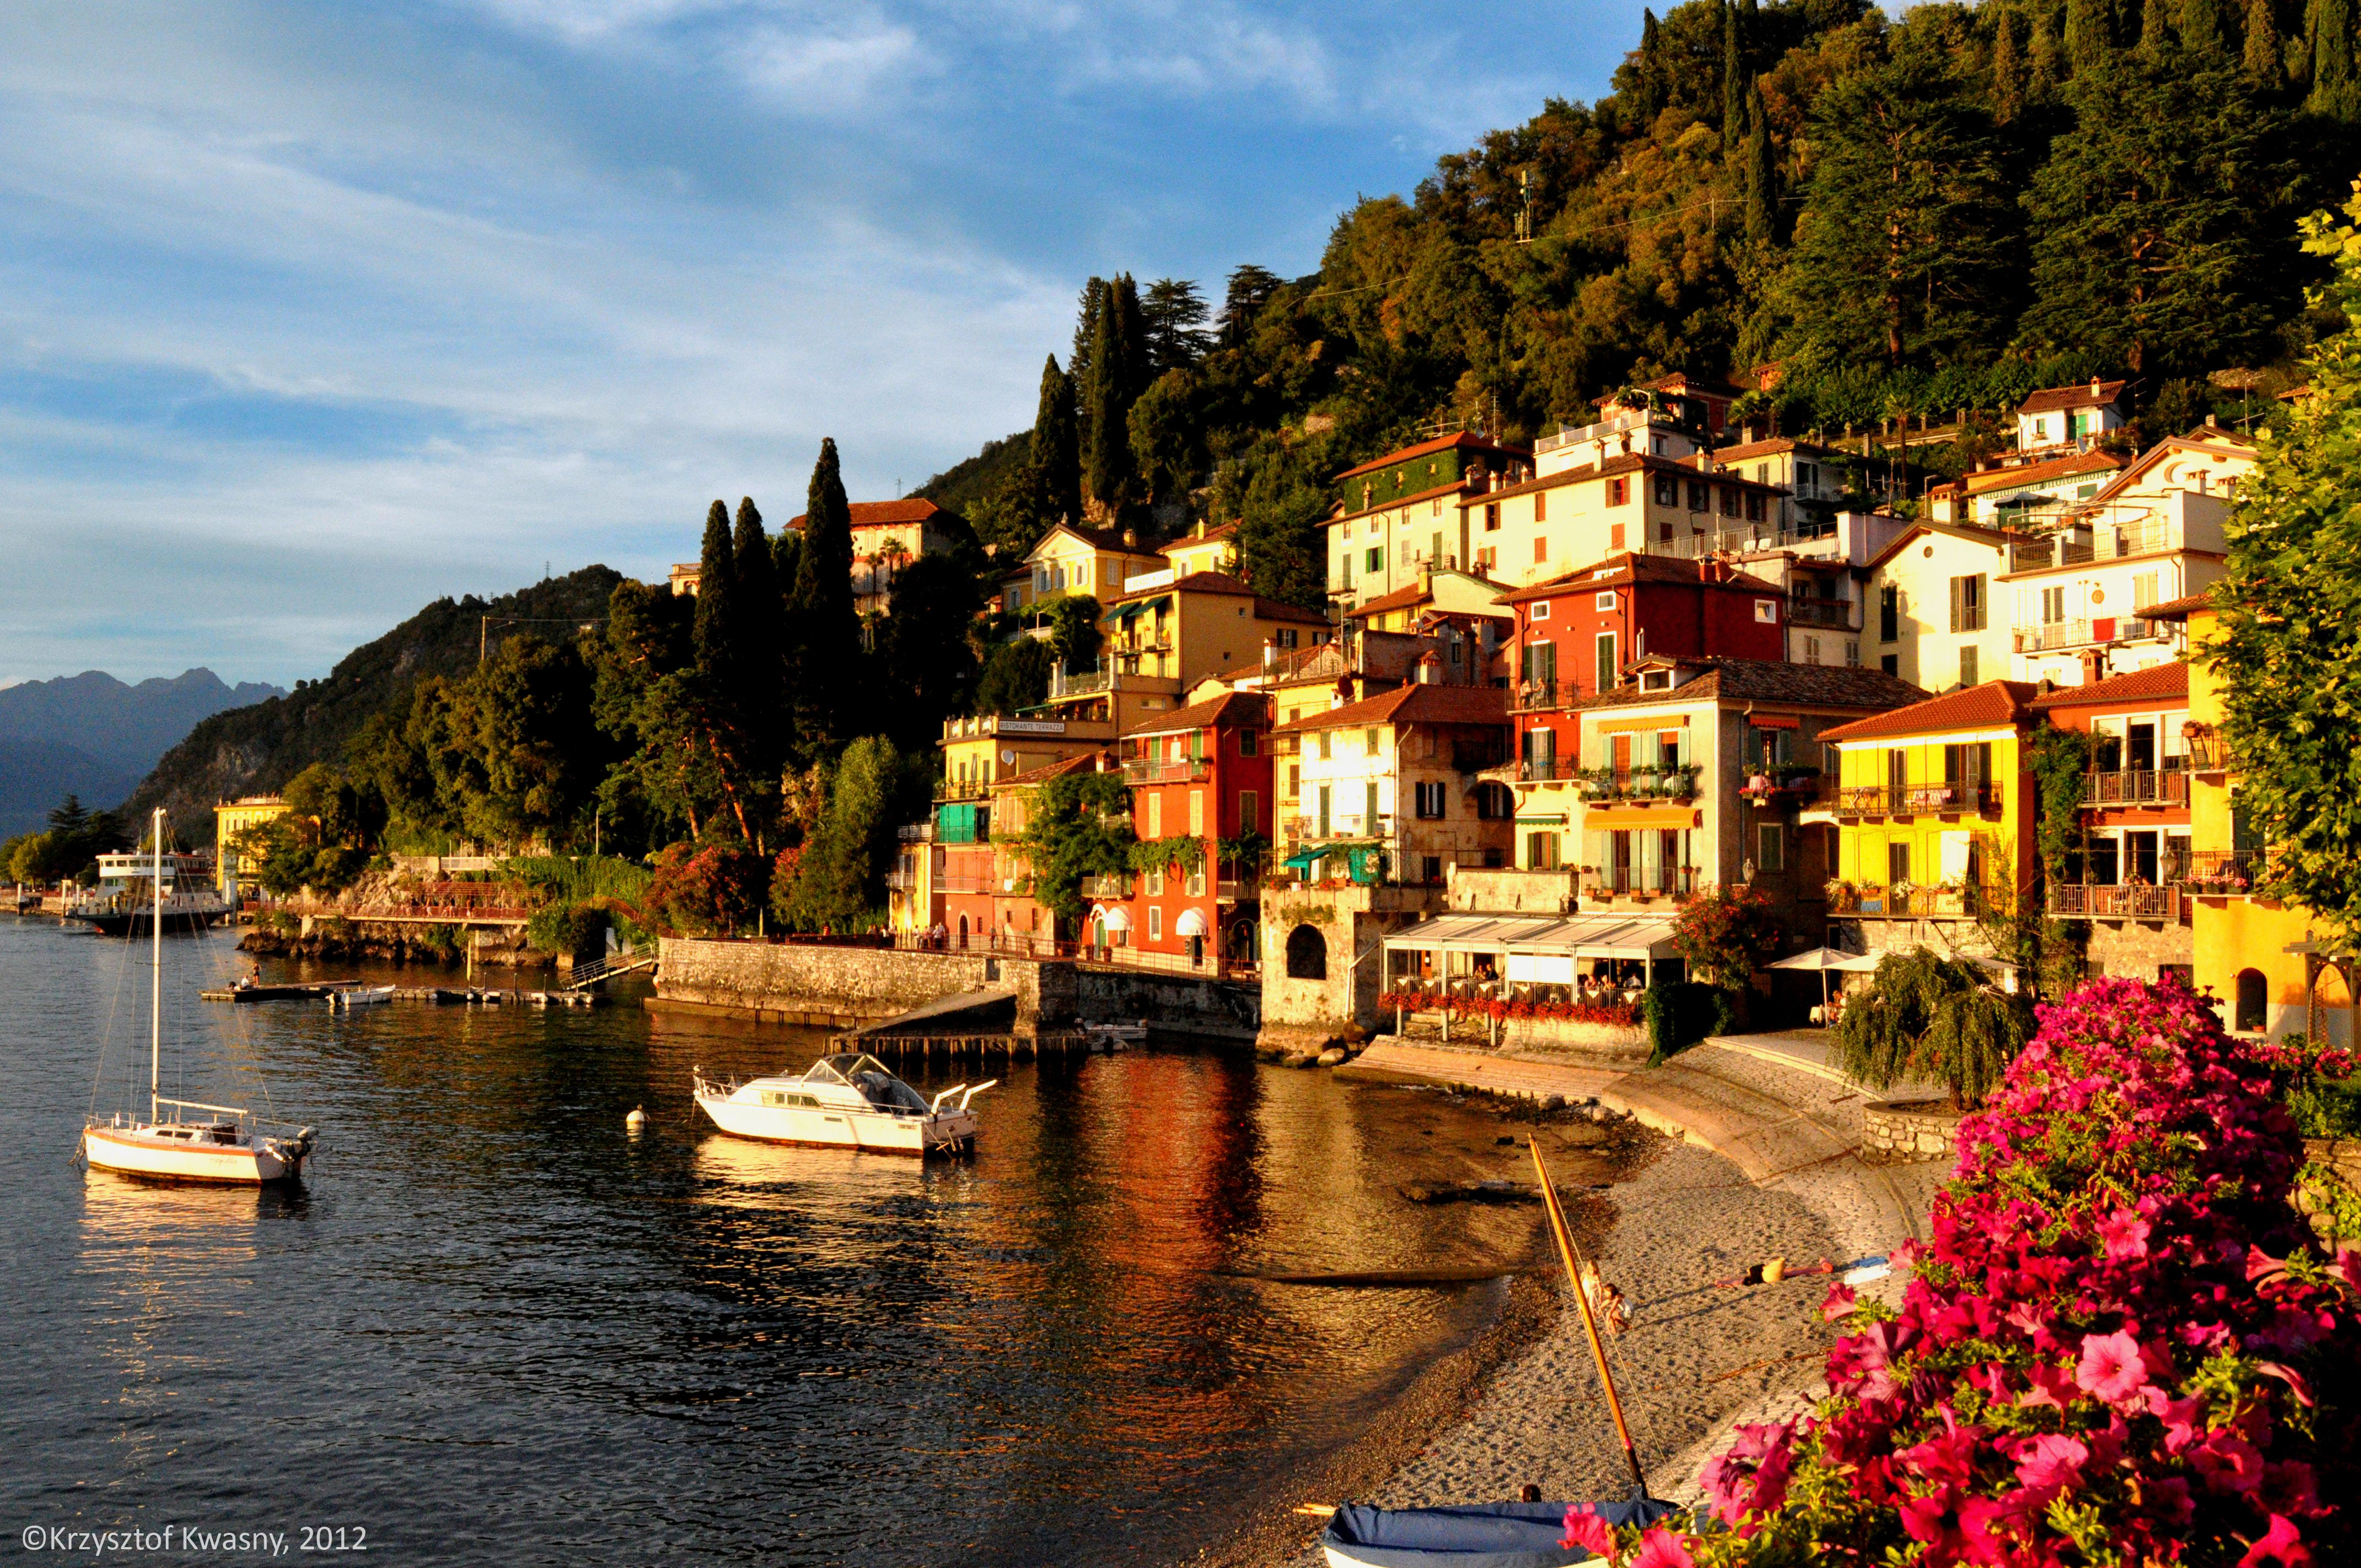 Ravenna, Lago di Como, Italy, 2012